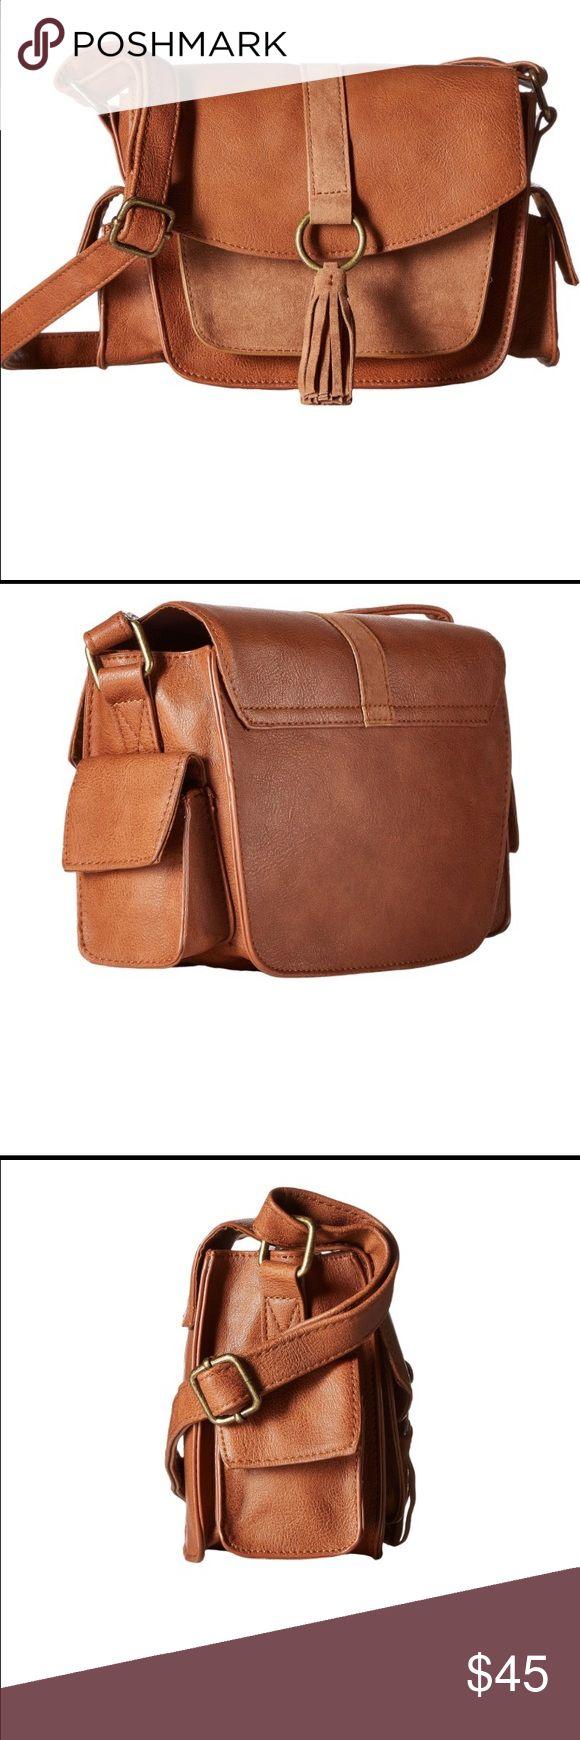 Gabriella Rocha Handbag Brand new beautiful bag Gabriella Rocha Crossbody purse with tassel gabriella rocha Bags Crossbody Bags